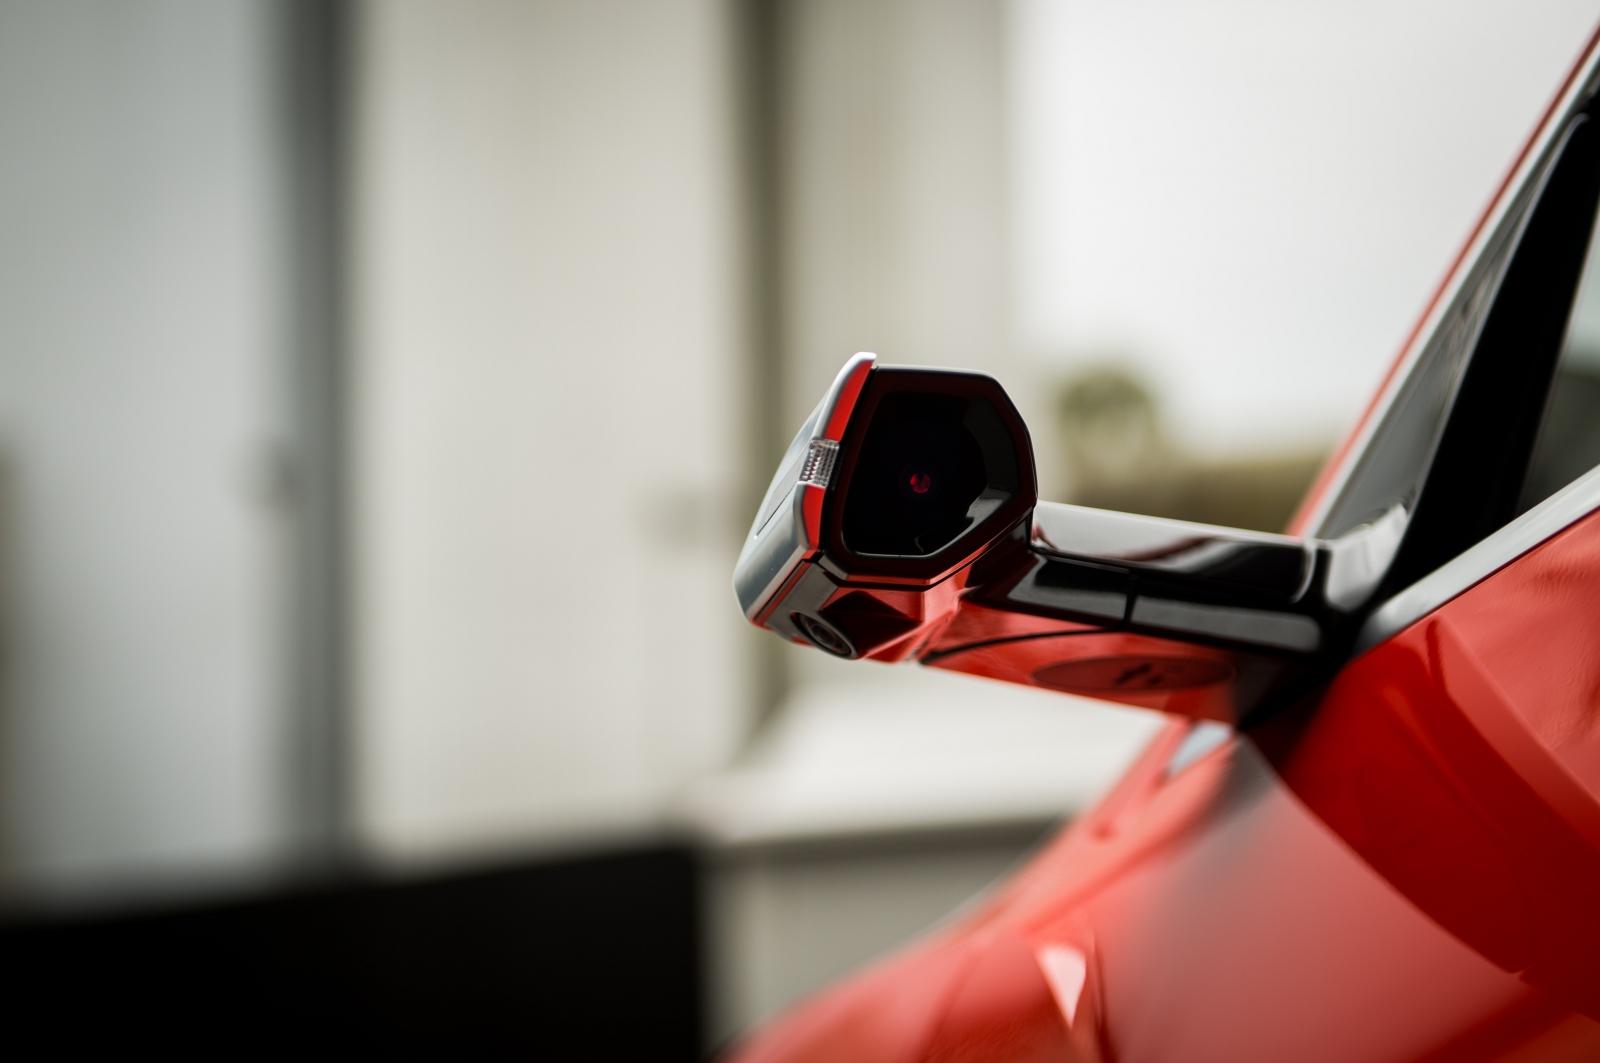 【汽車專知】數位後視鏡是什麼?實用還是噱頭?